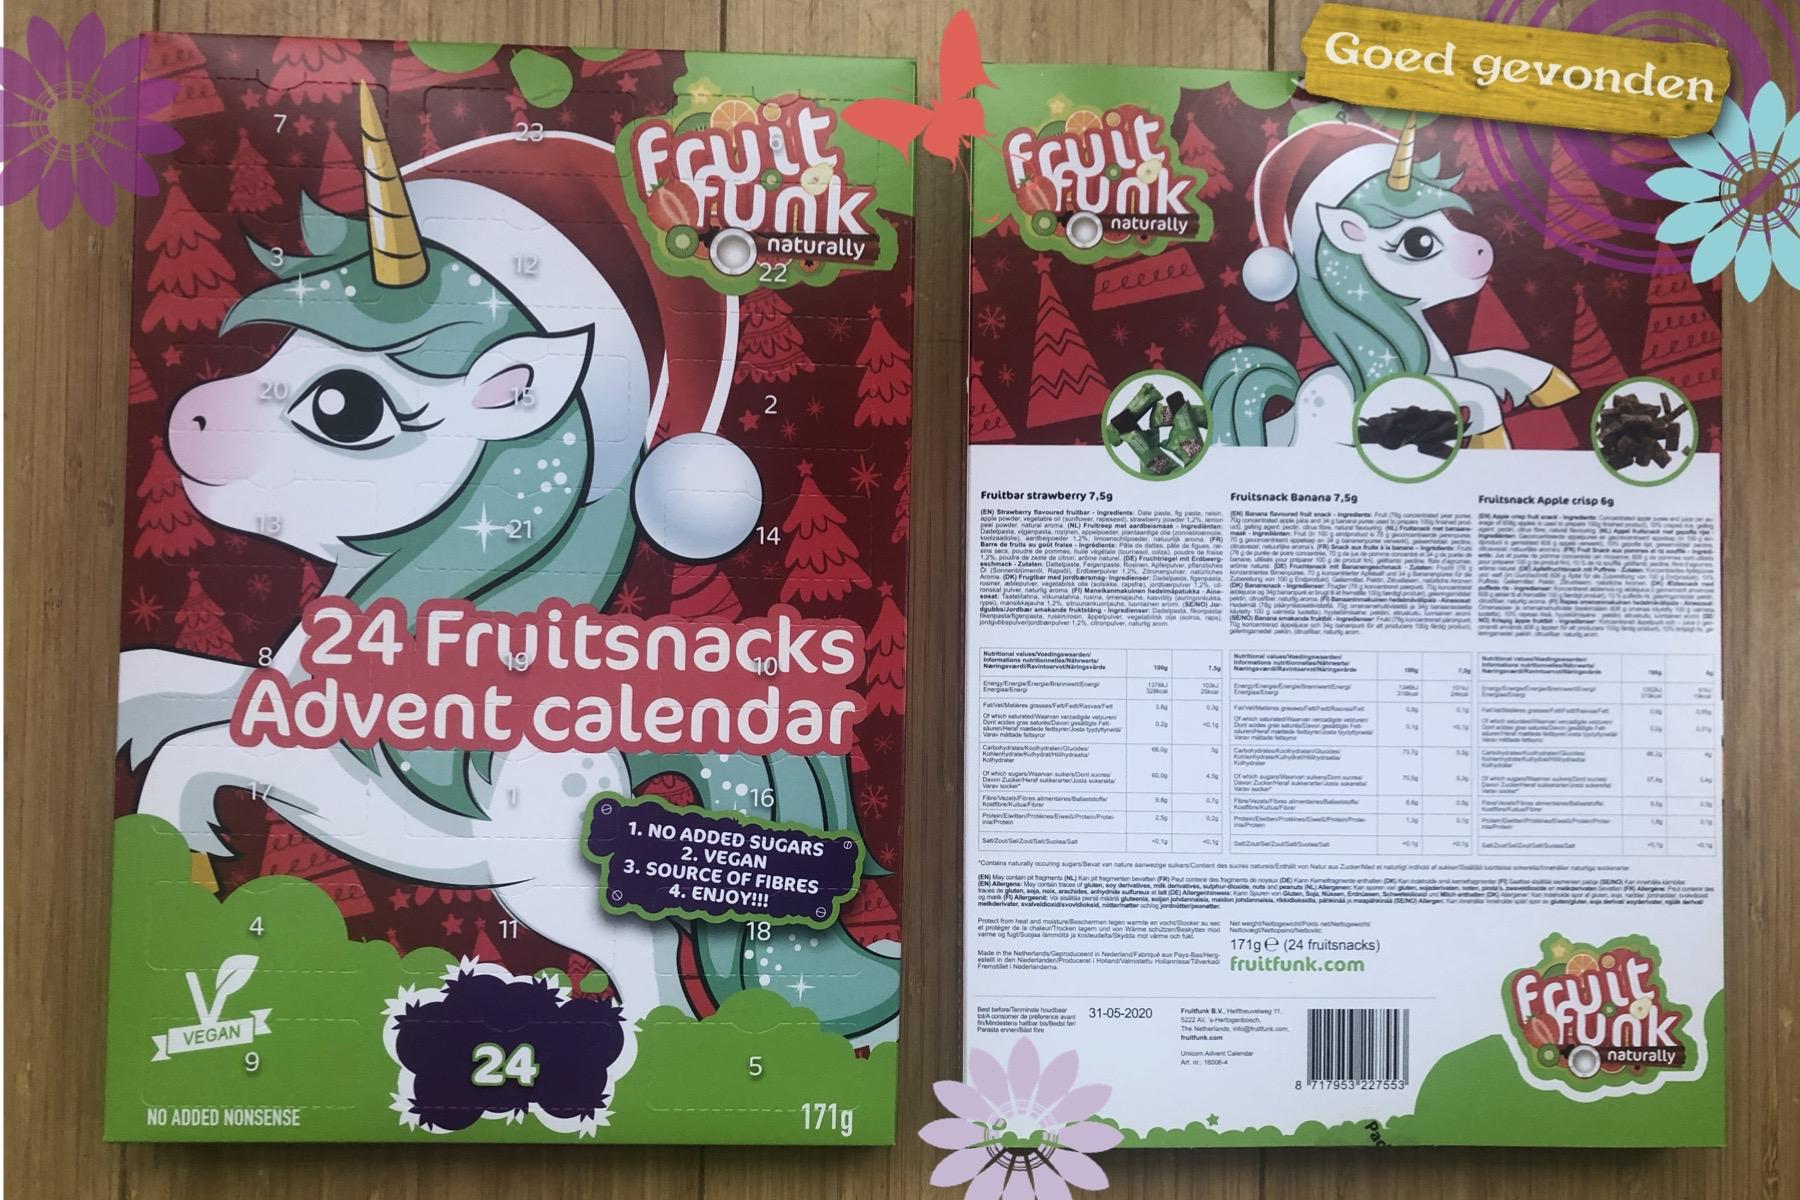 Adventkalender zonder toegevoegde suikers